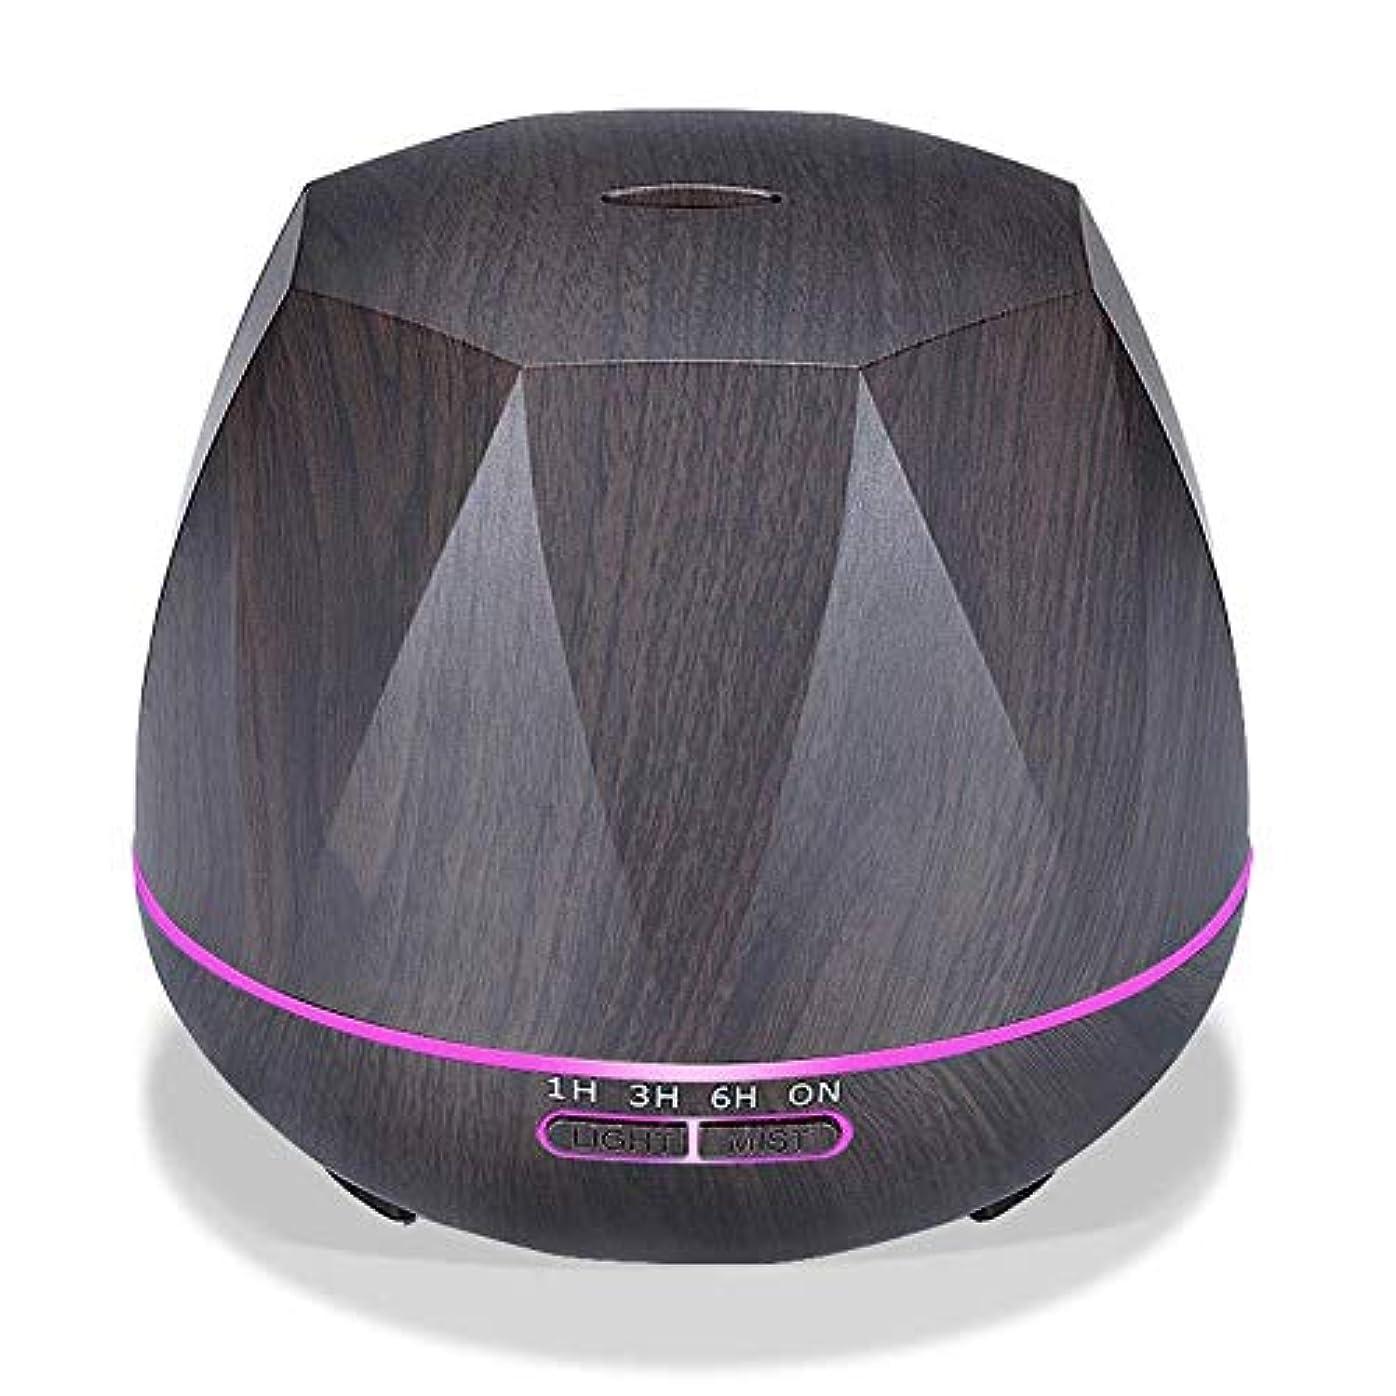 不快な好きセイはさておき木目 涼しい霧 加湿器,7 色 空気を浄化 加湿機 時間 デスクトップ 精油 ディフューザー アロマネブライザー Yoga ベッド 寮- 300ml